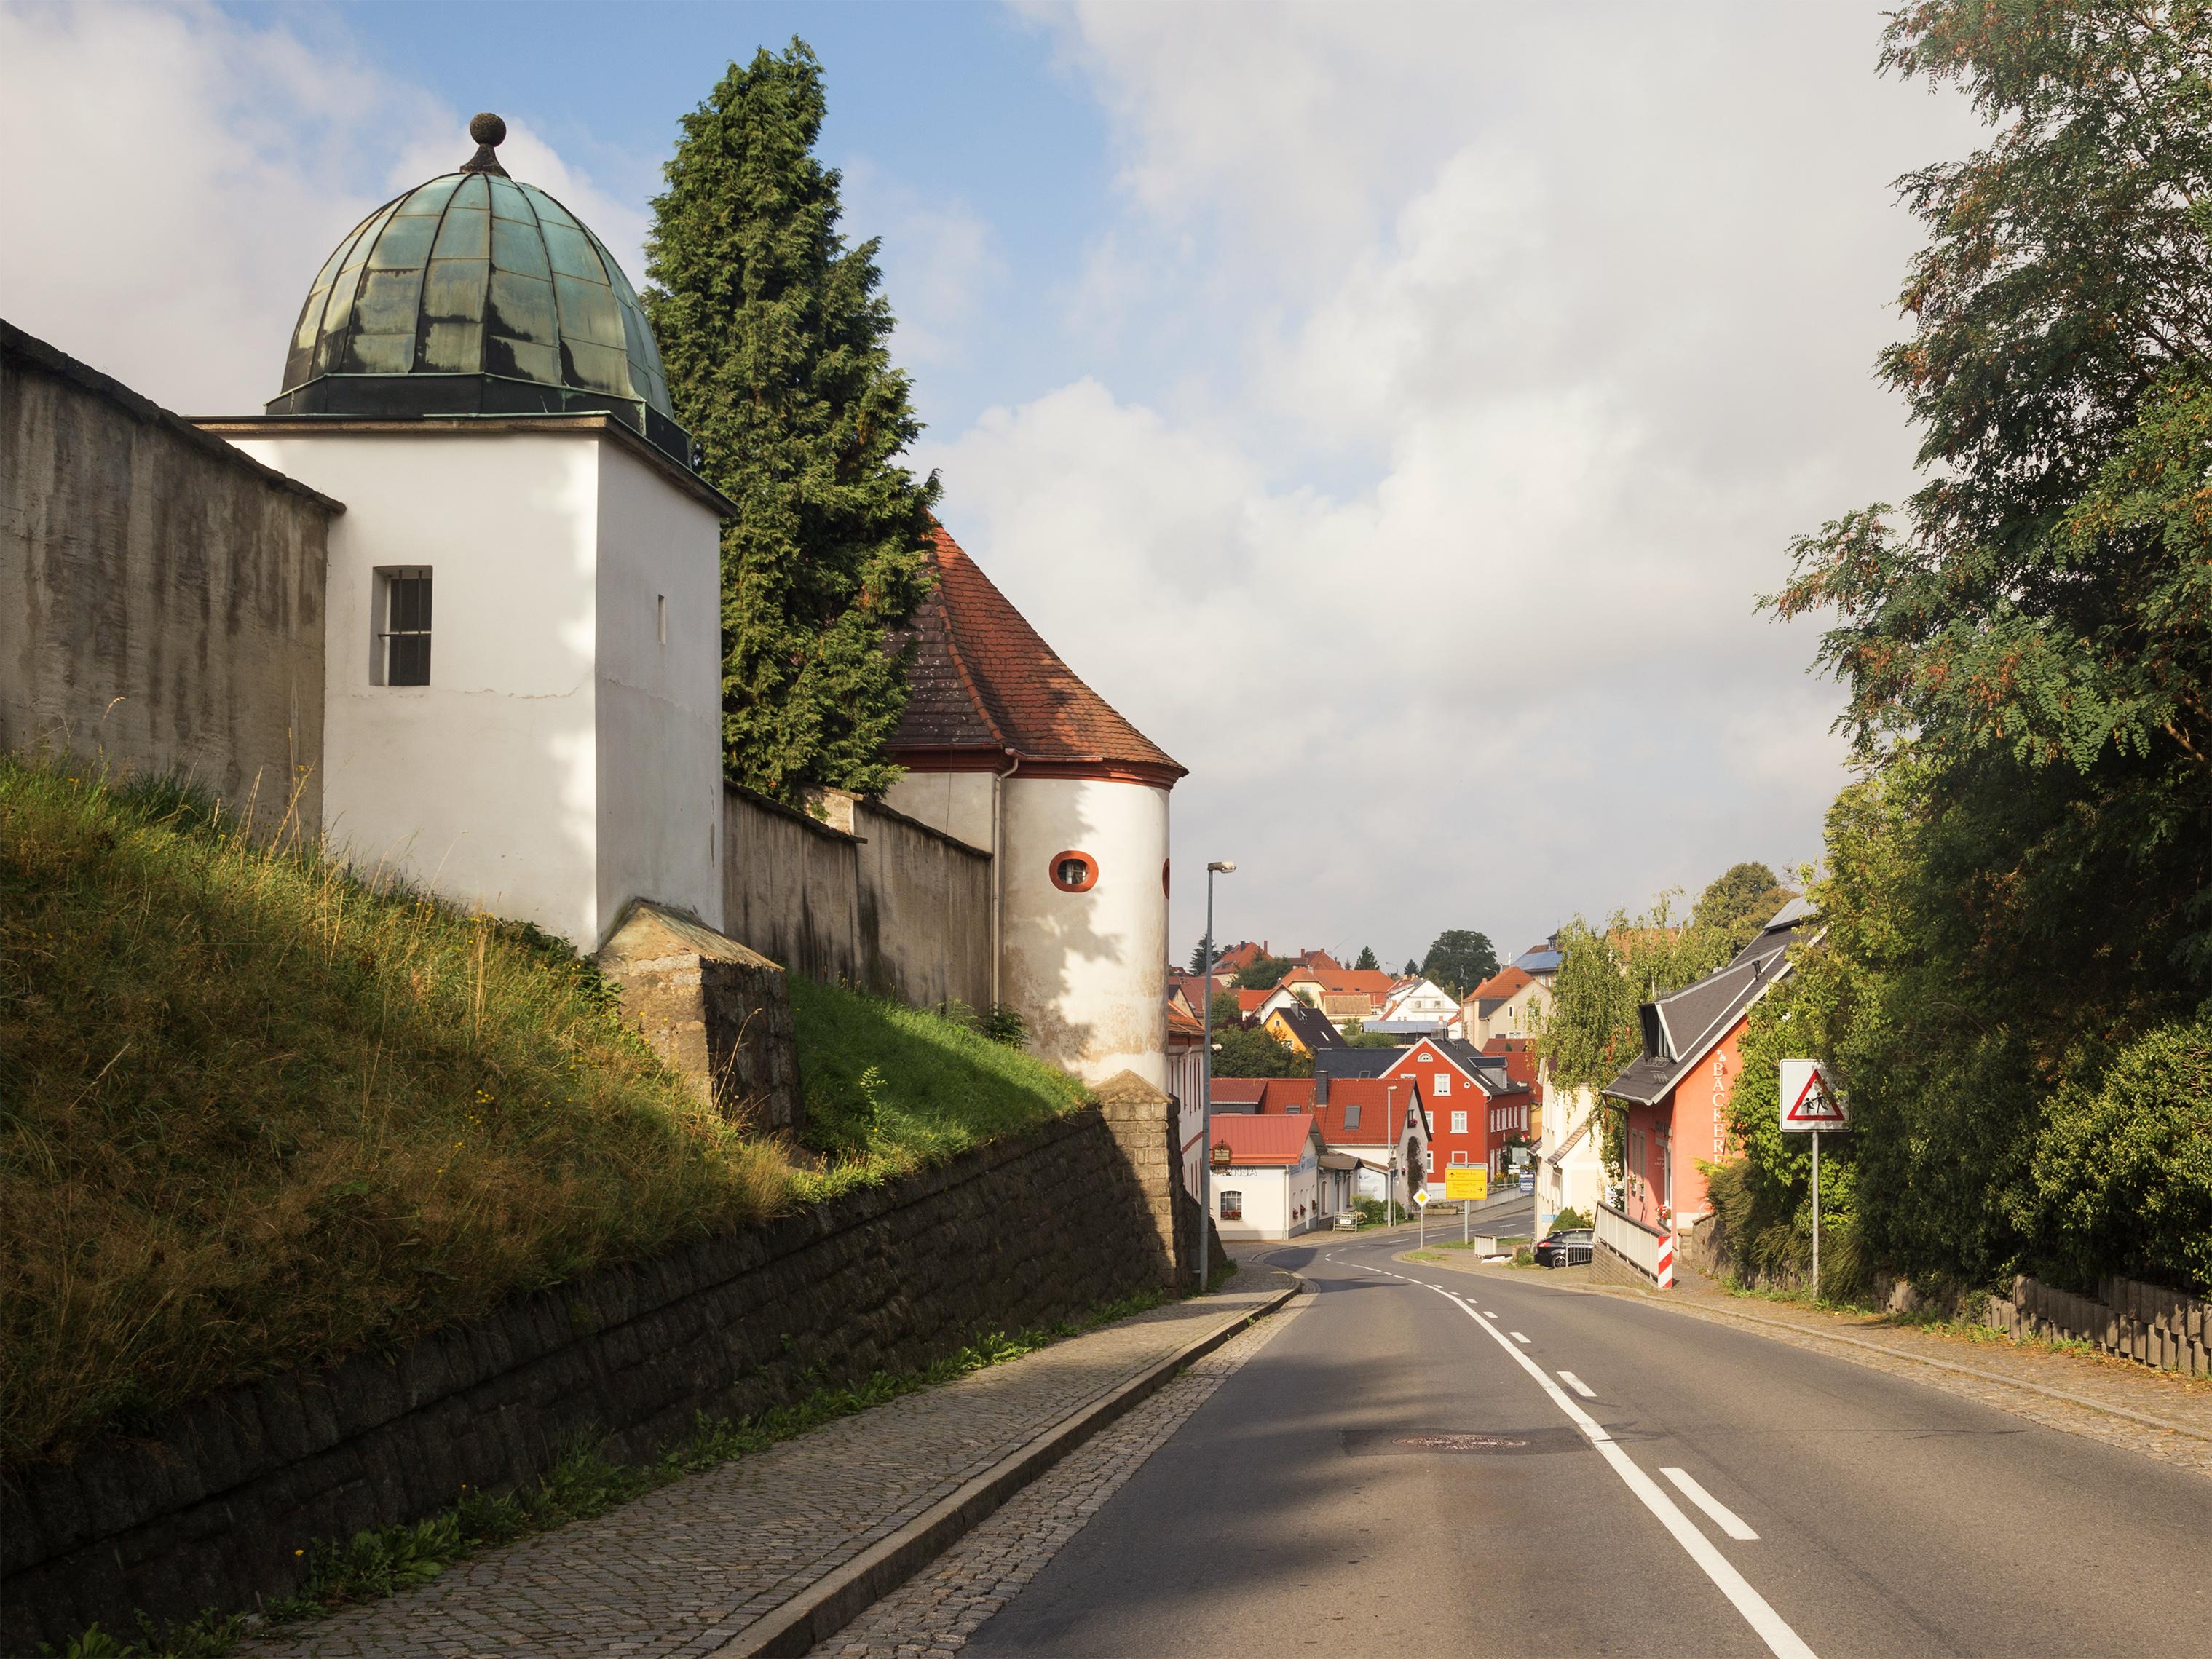 Panschwitz-Kuckau